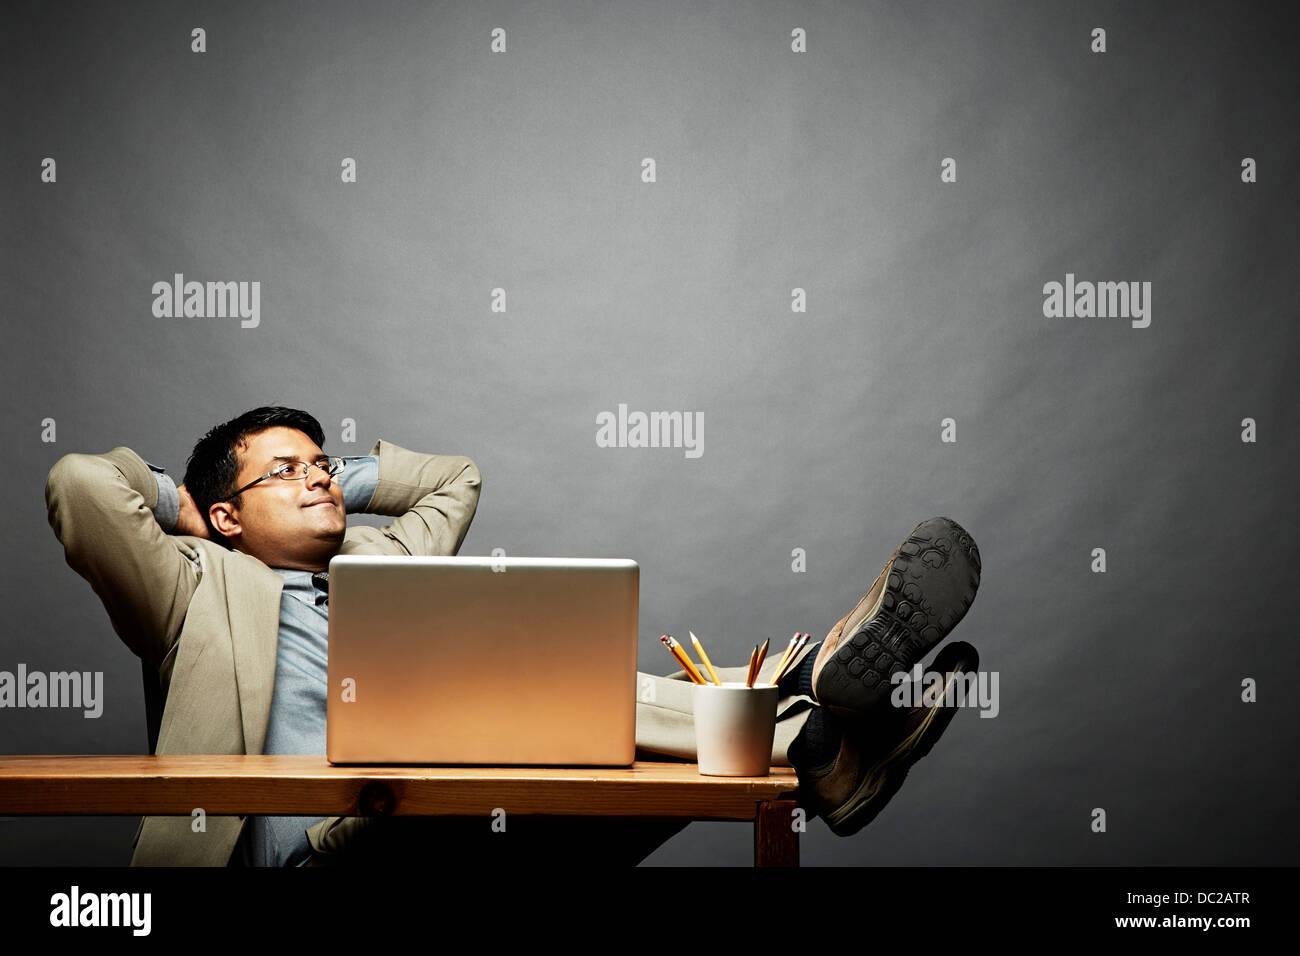 Hombre de relajarse con los pies para arriba en la tabla Imagen De Stock